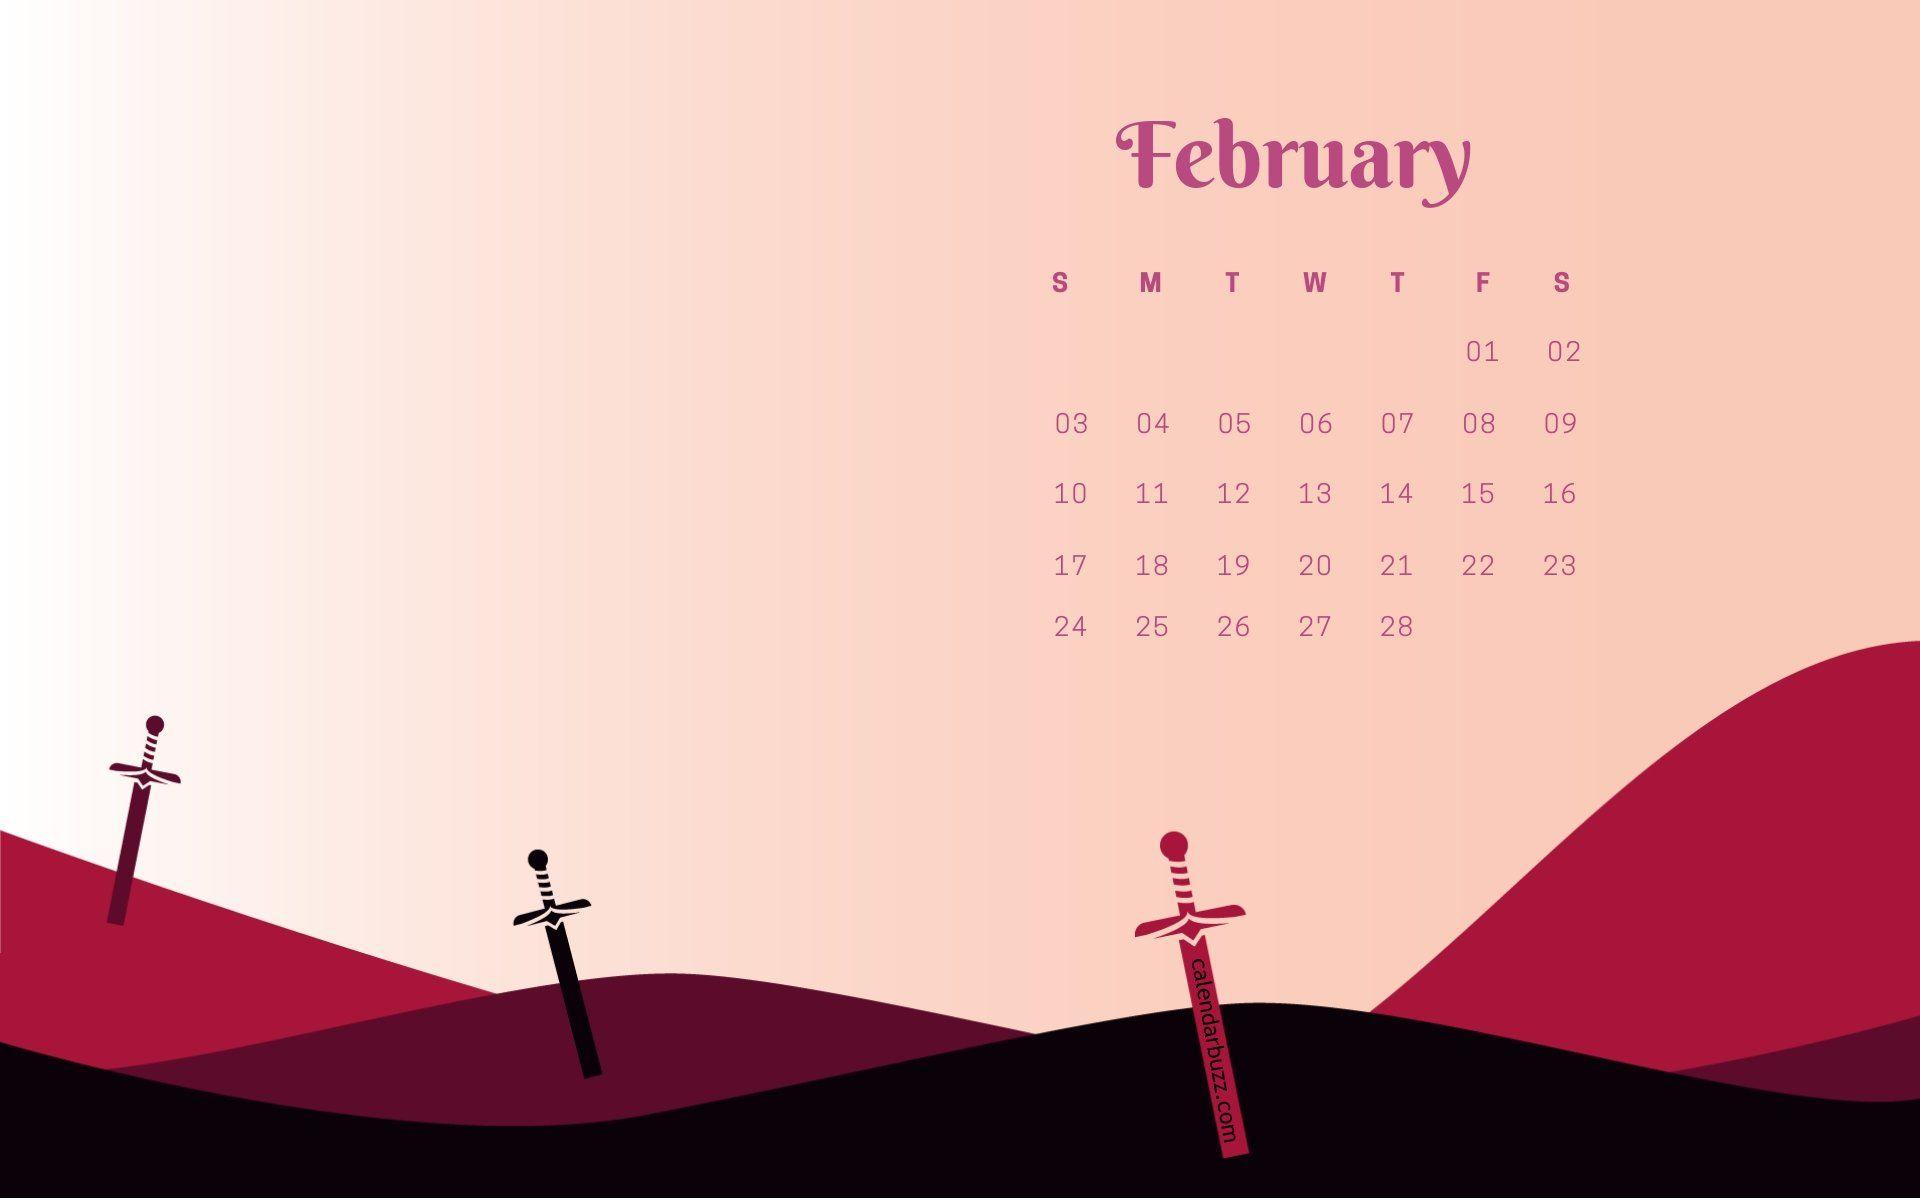 February Calendar Background 2019 February 2019 Stylish Calendar Wallpaper #February #february2019